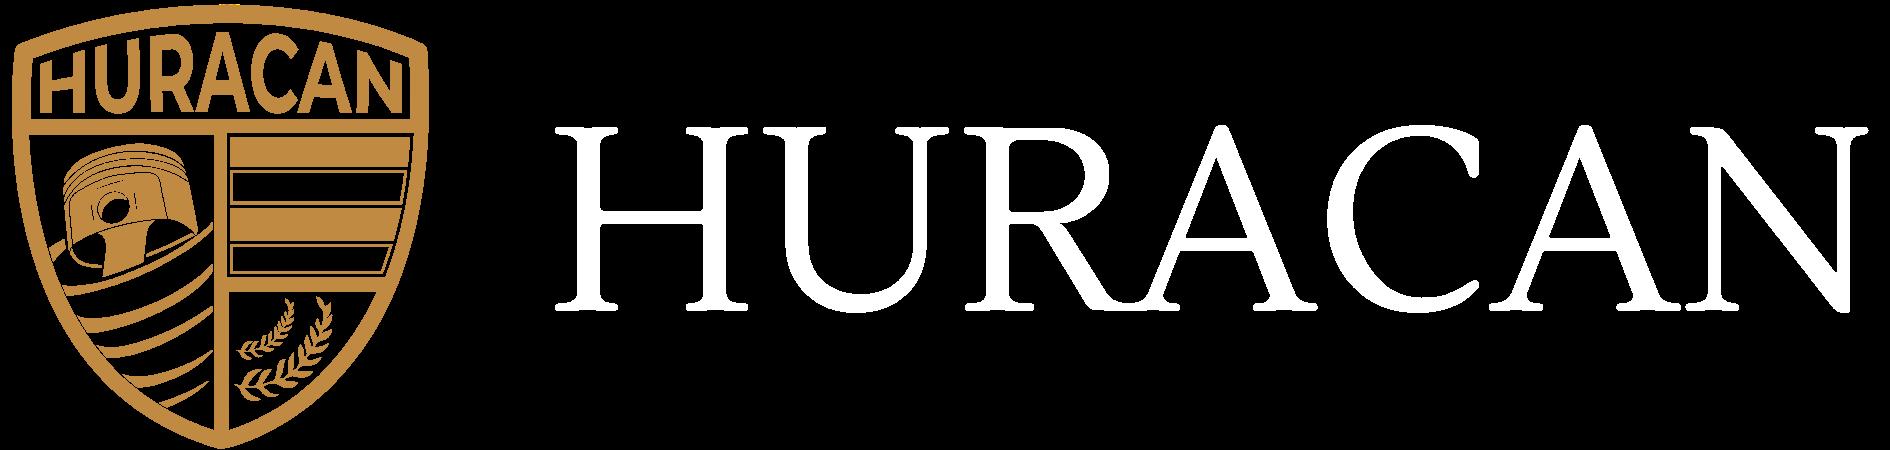 Huracan Cars